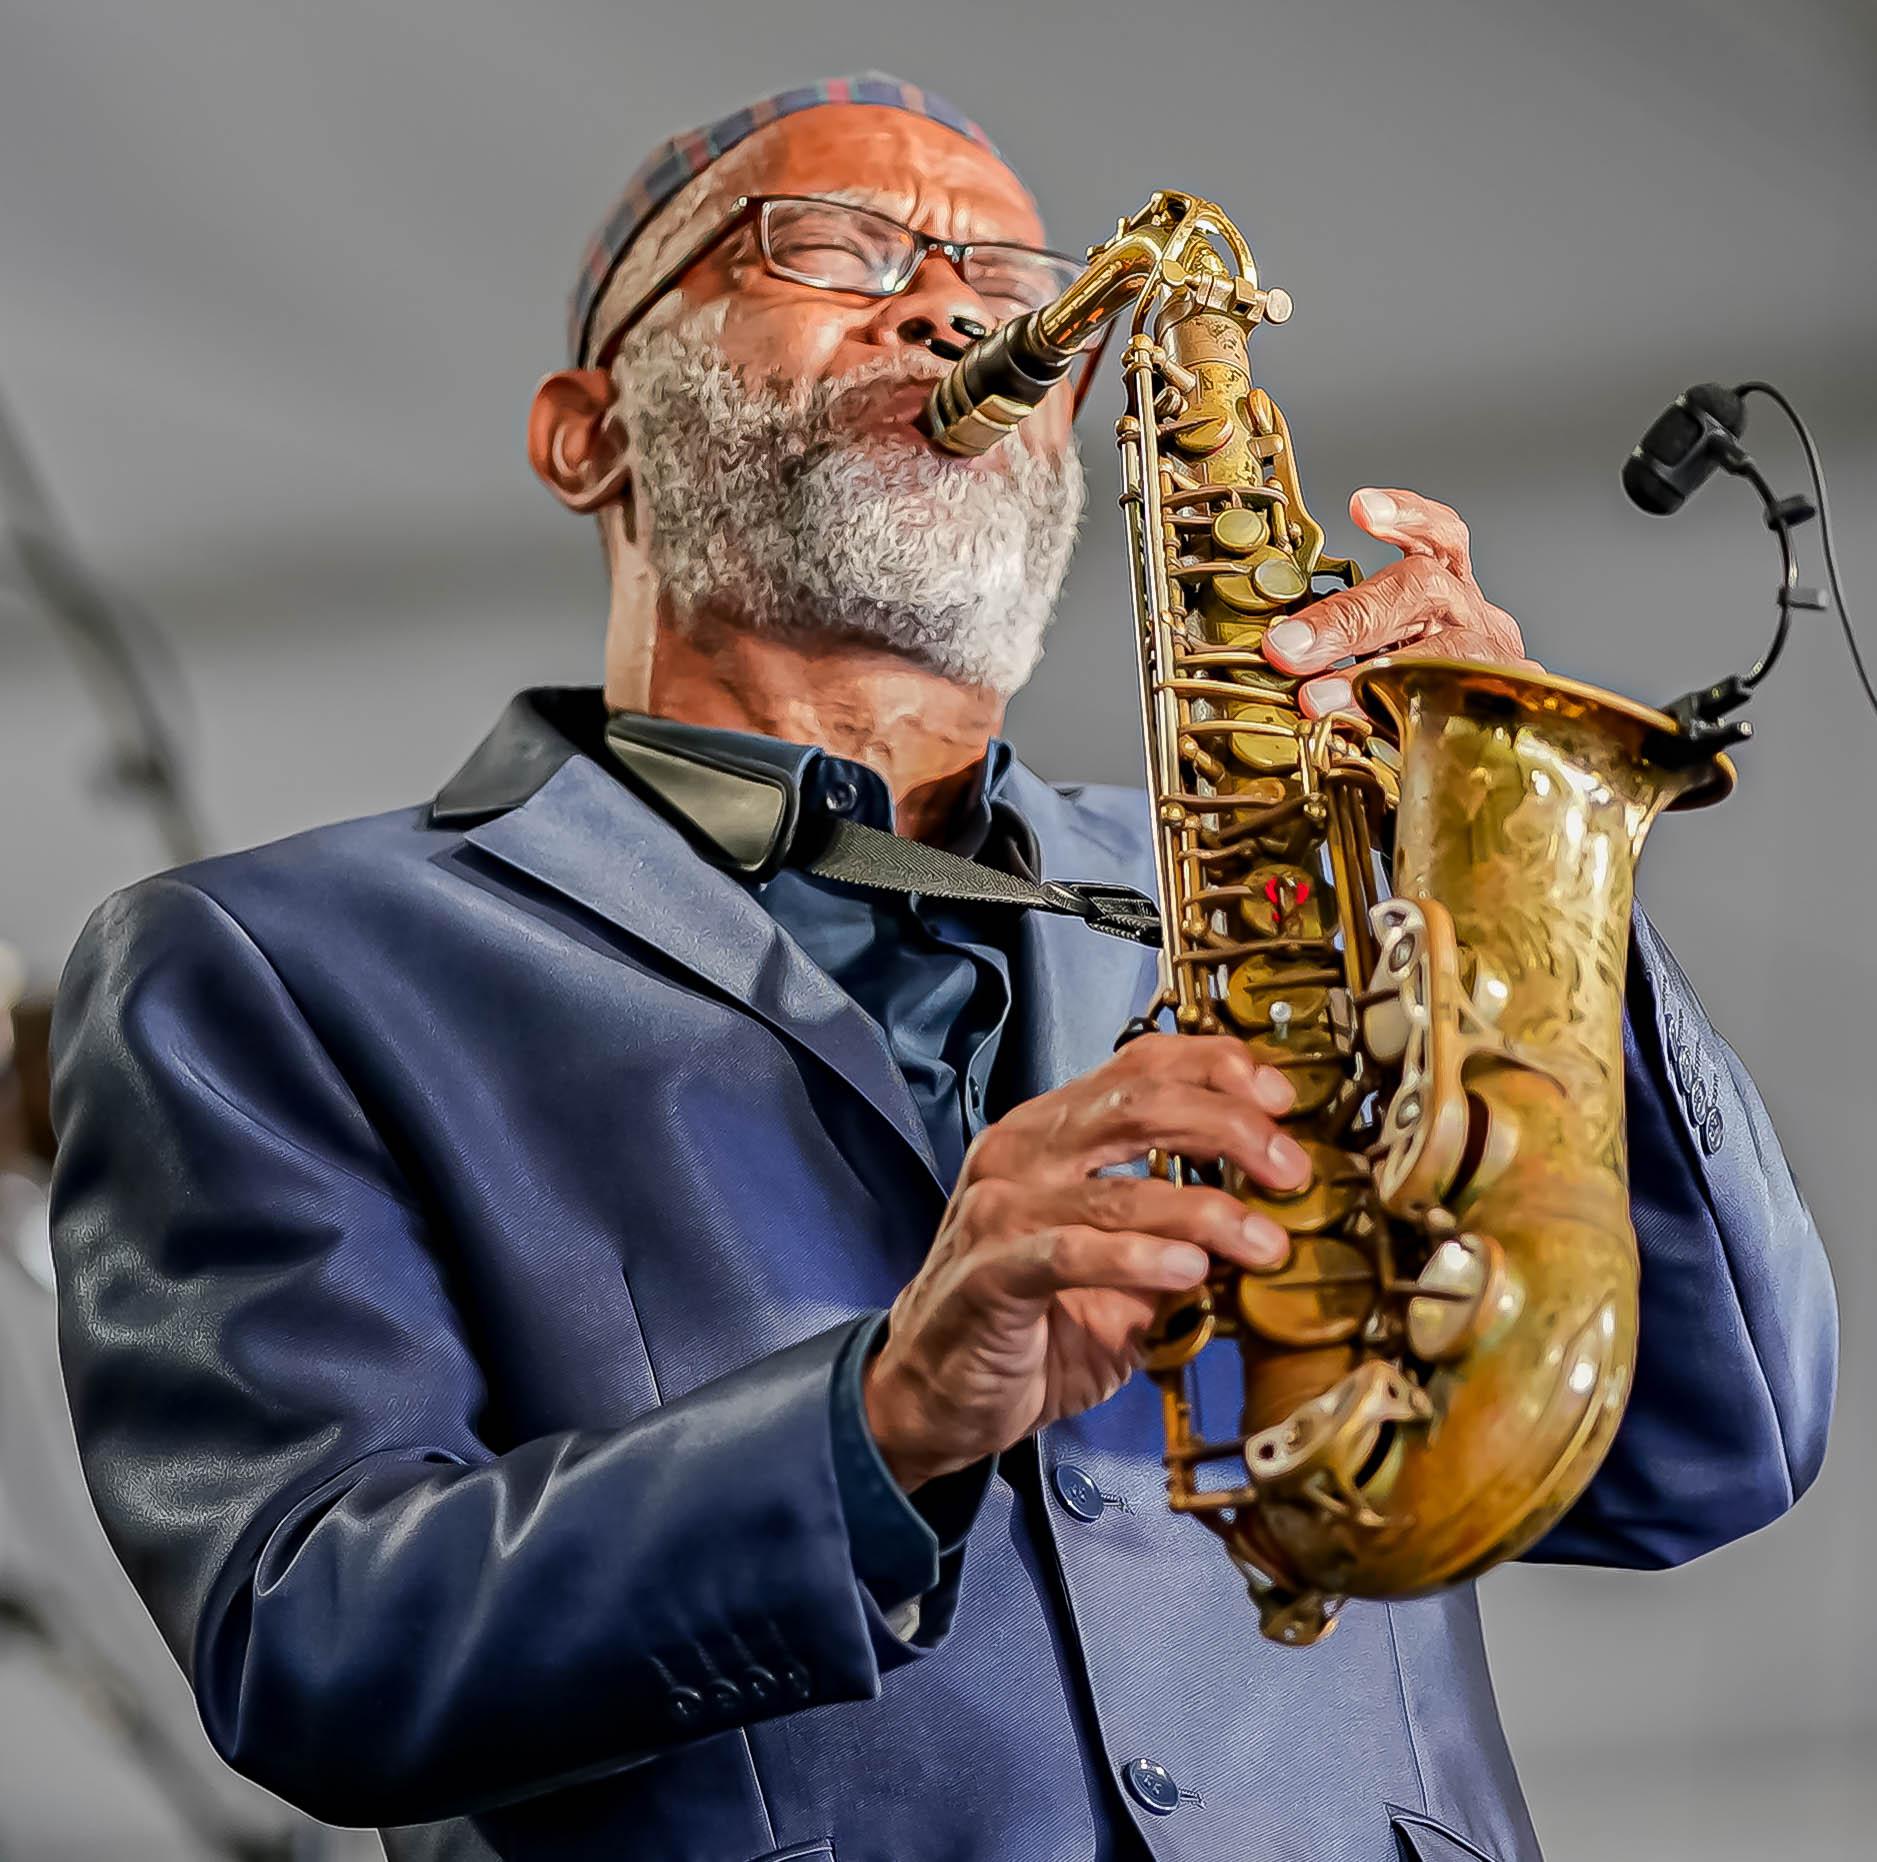 Kenny Garrett at the 2021 Newport Jazz Festival